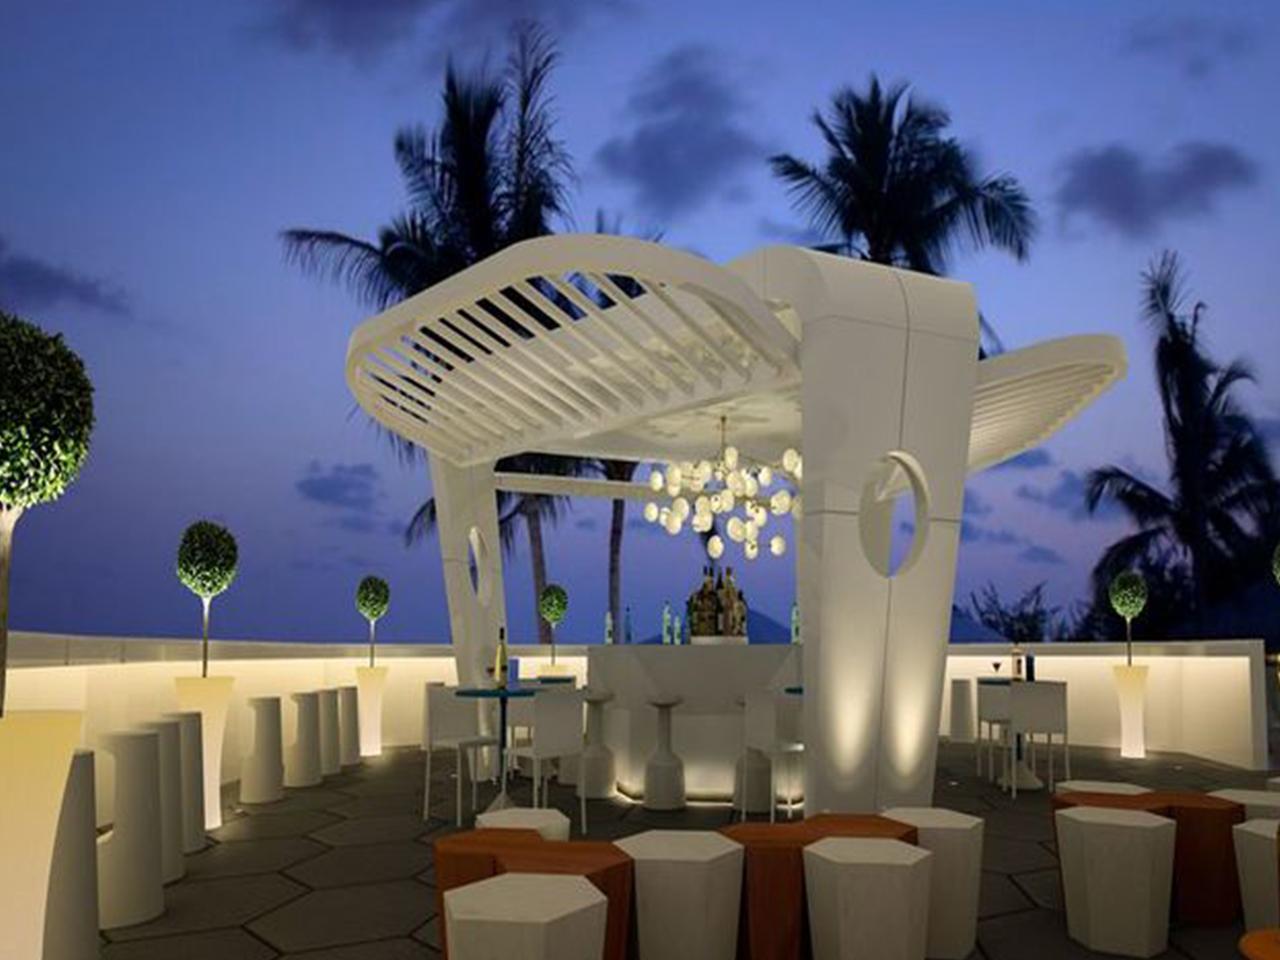 wedding Planner en Monterrey, Boda en la playa, Las mejores bodas en la playa en México -wedding Planner en Monterrey, Boda en la playa, Las mejores bodas en la playa en México - Paquete 5: Ceremony